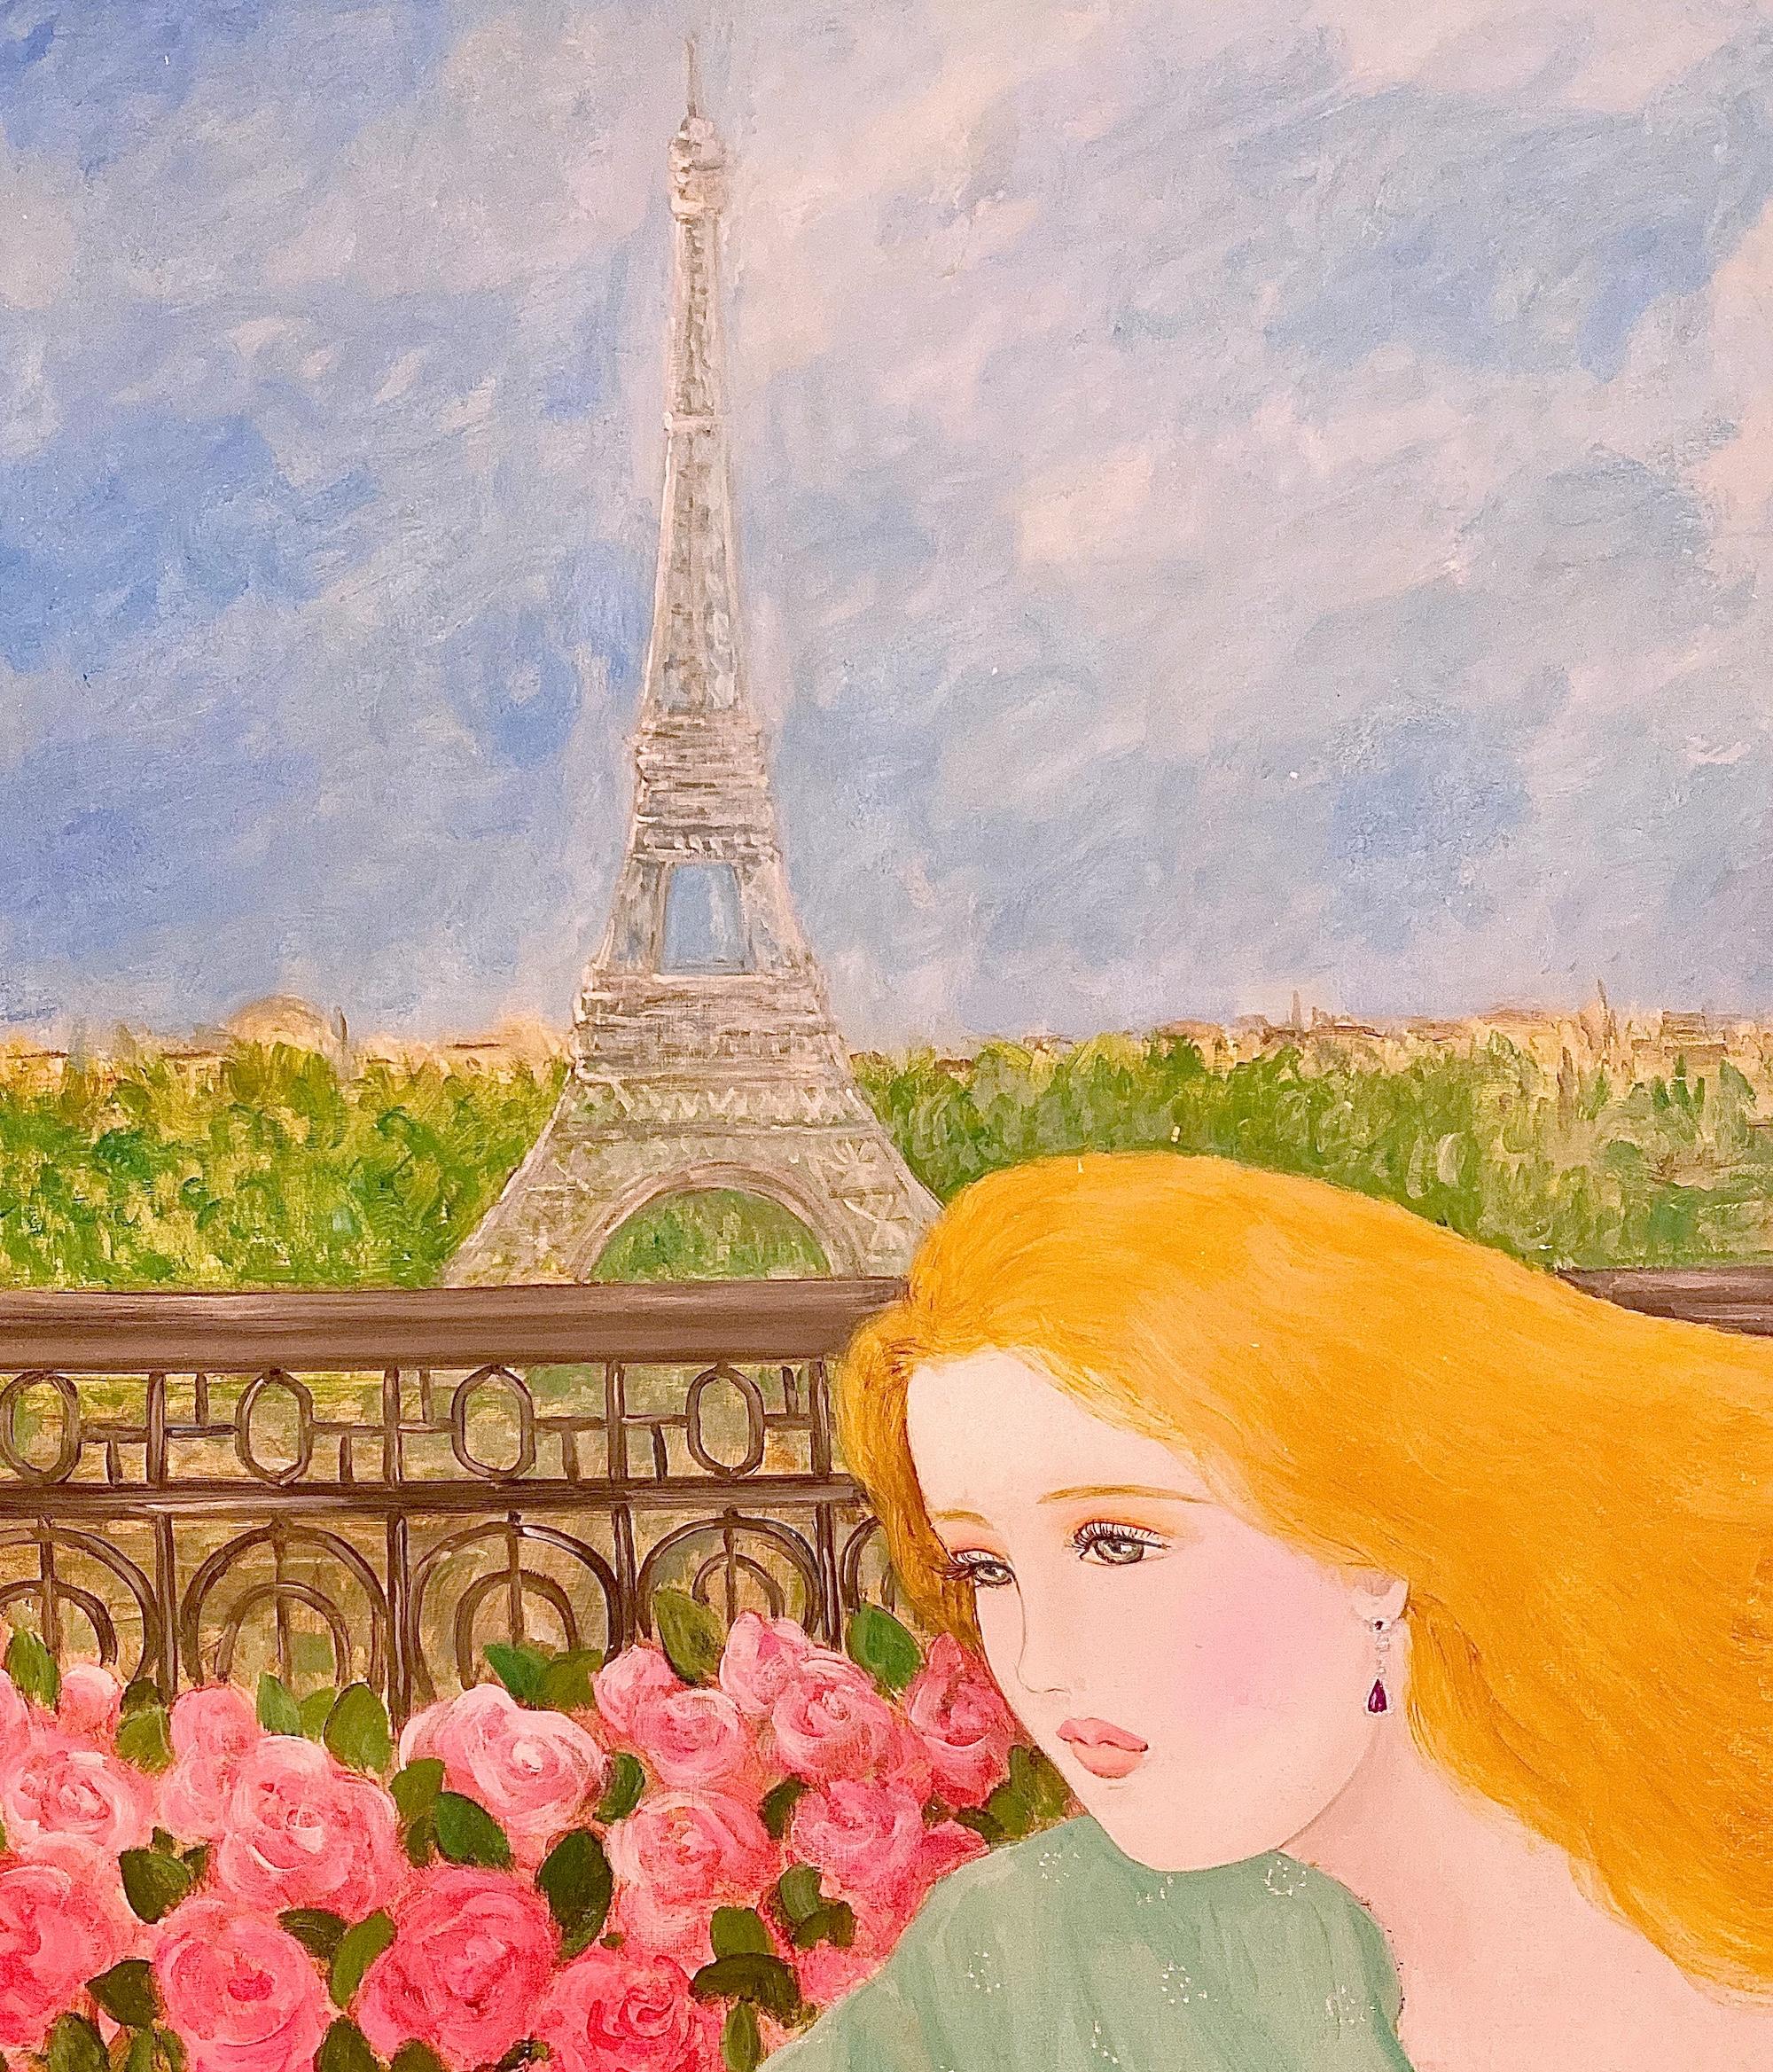 MAMI. / Images. et Poésie, Douceur  Evanescente à l'Infini comme l'Air que l'on respire